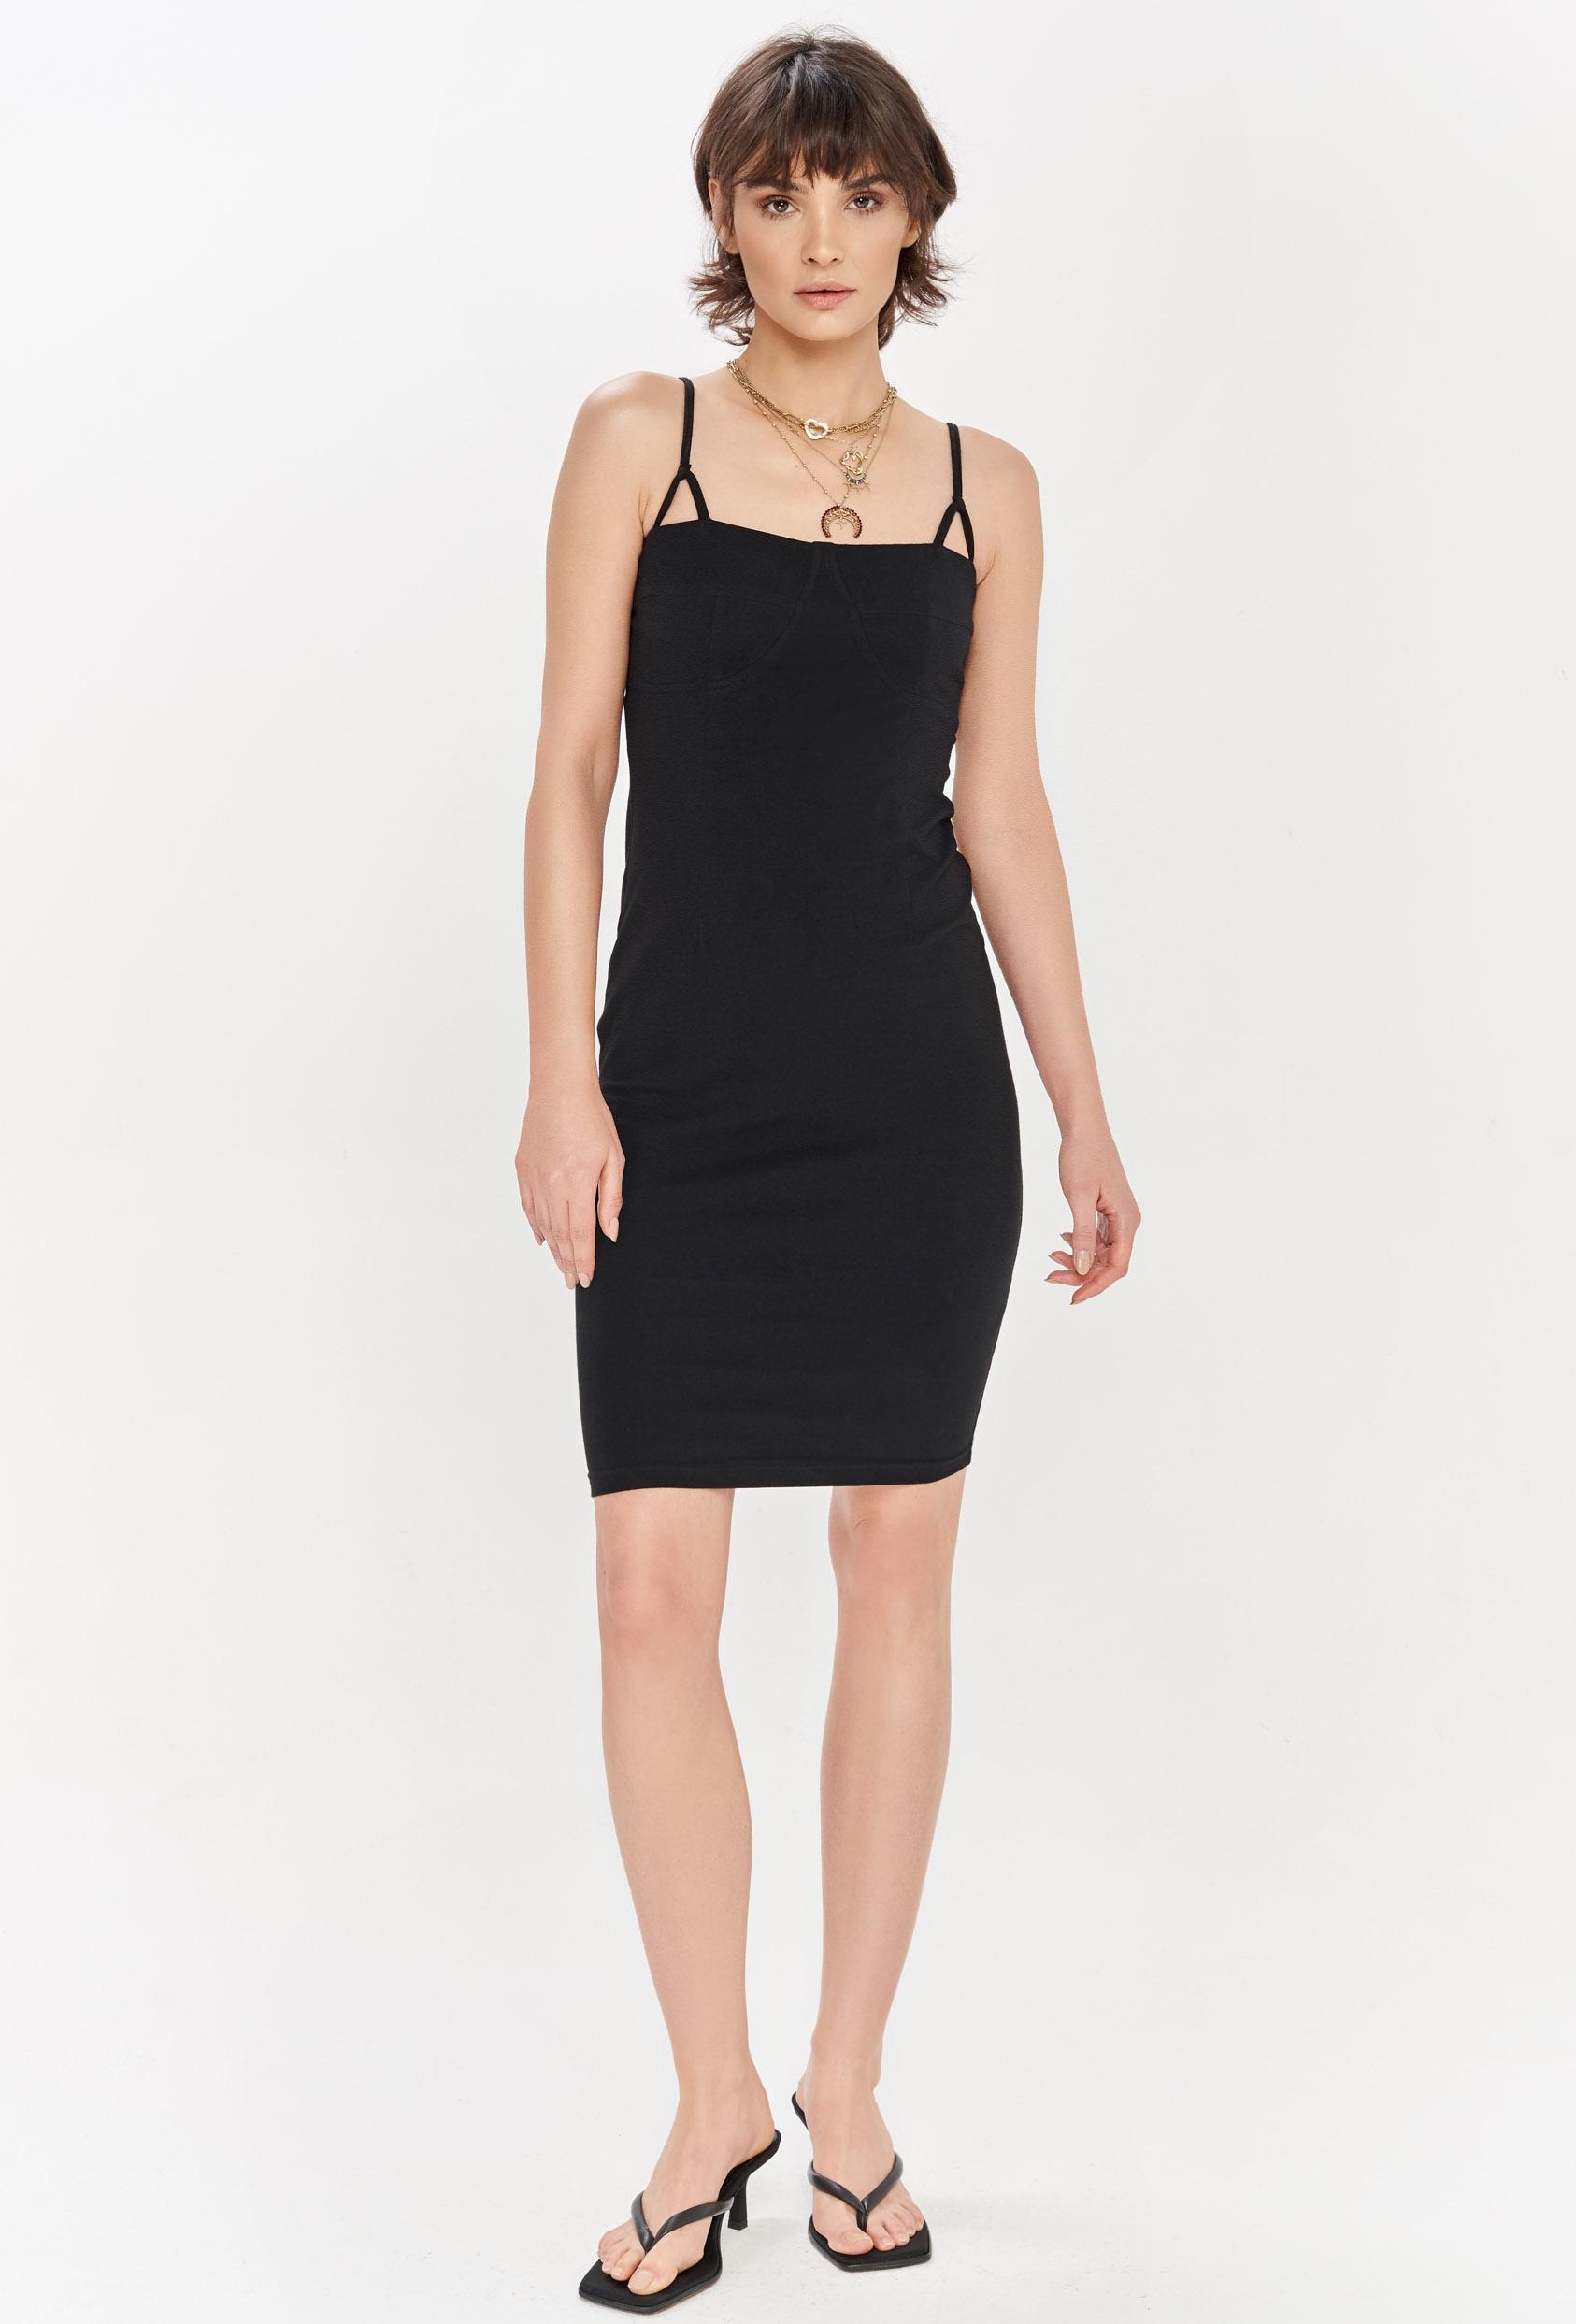 Sukienka mini SAVON DRESS czarna_1